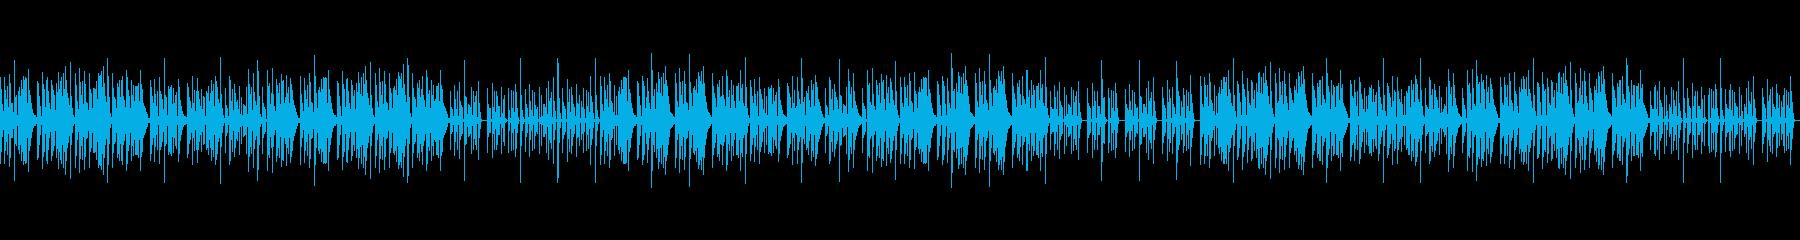 和風な琴のこども向け知育BGM_Aの再生済みの波形